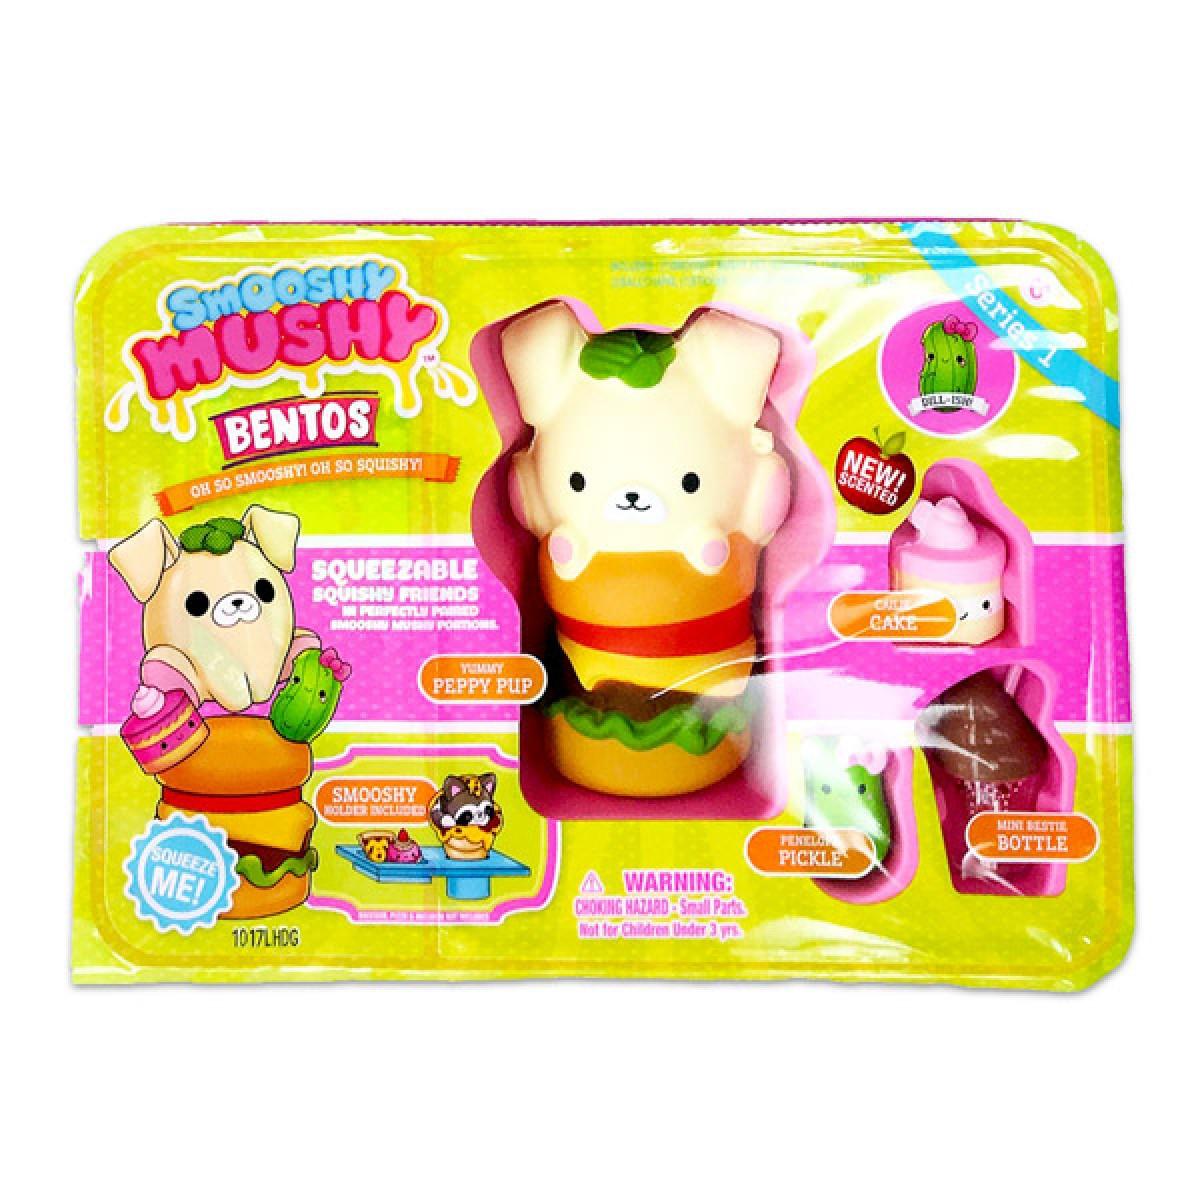 1c5f927d08b9 Smooshy Mushy Bento kiskutya a hamburgerével figurakészlet Smooshy Mushy  játékok